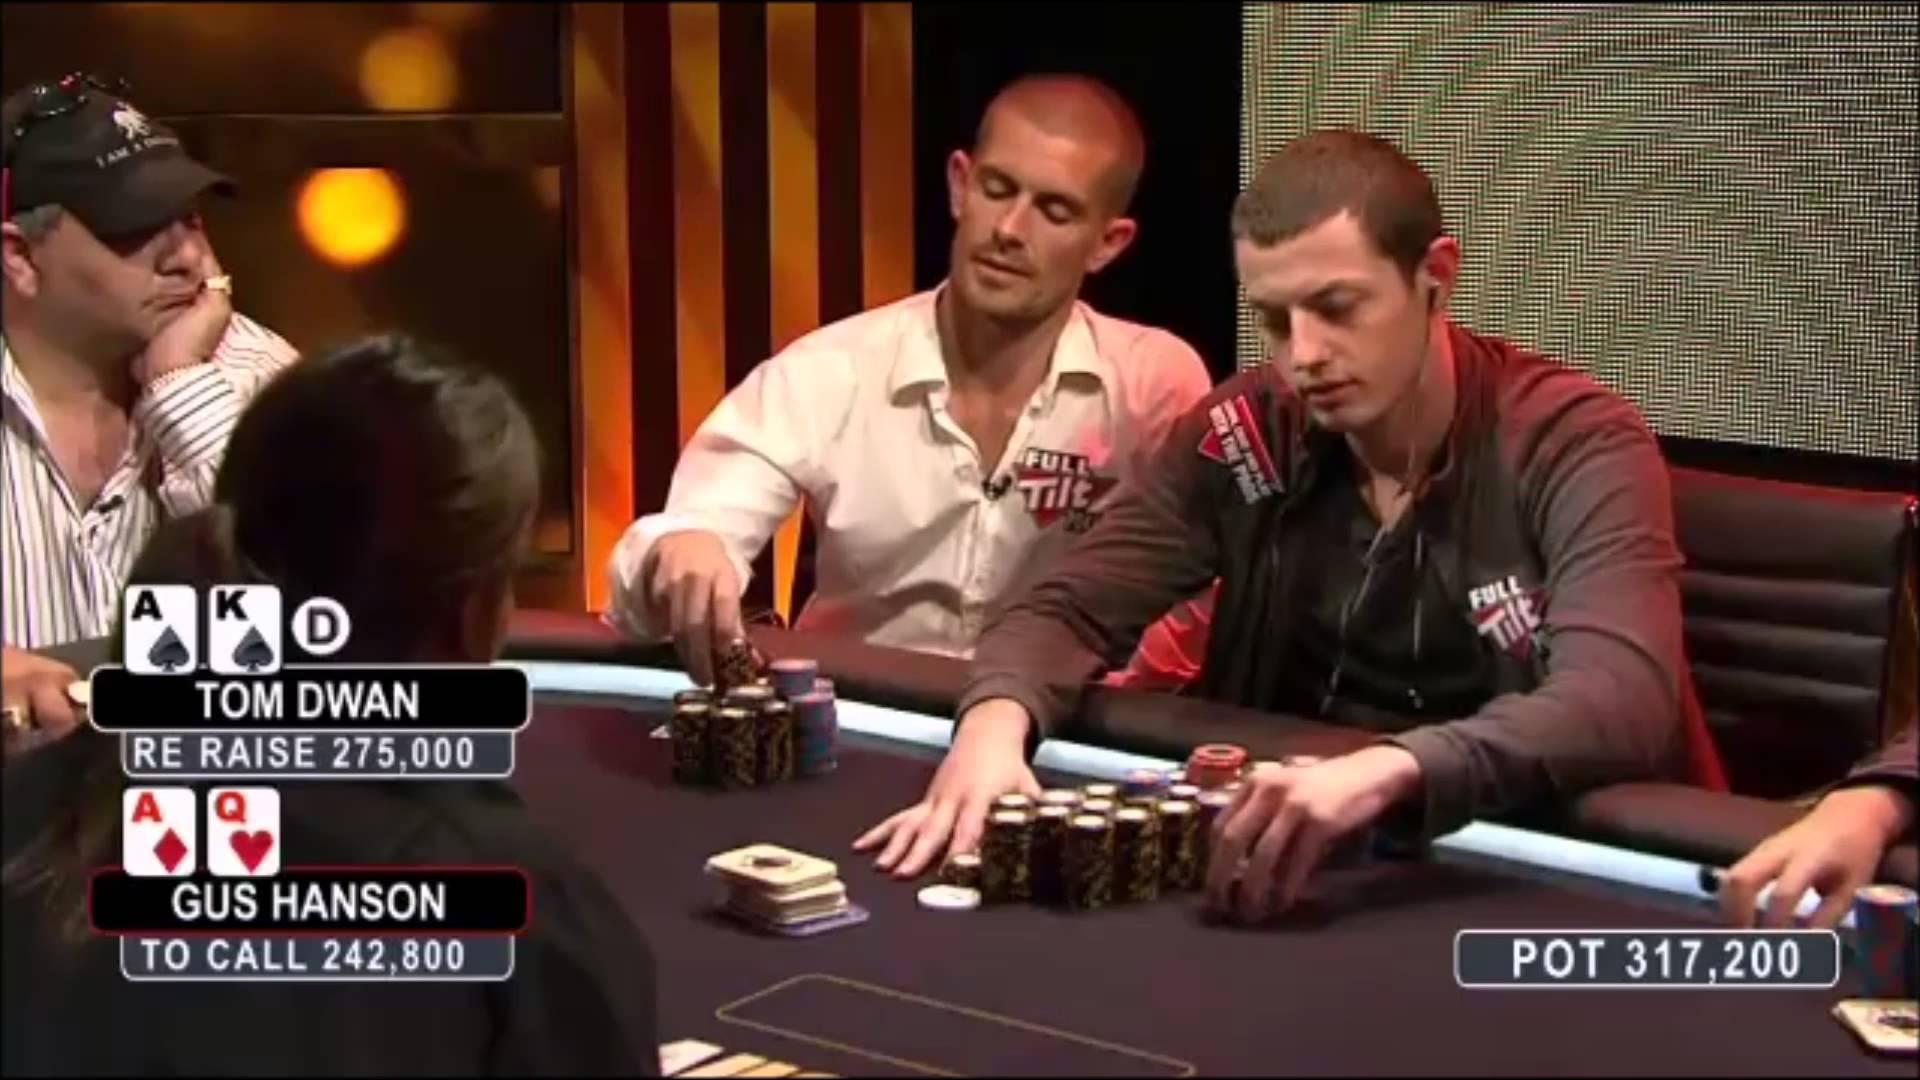 Pokerspieler Gus Hansen beim Spielen